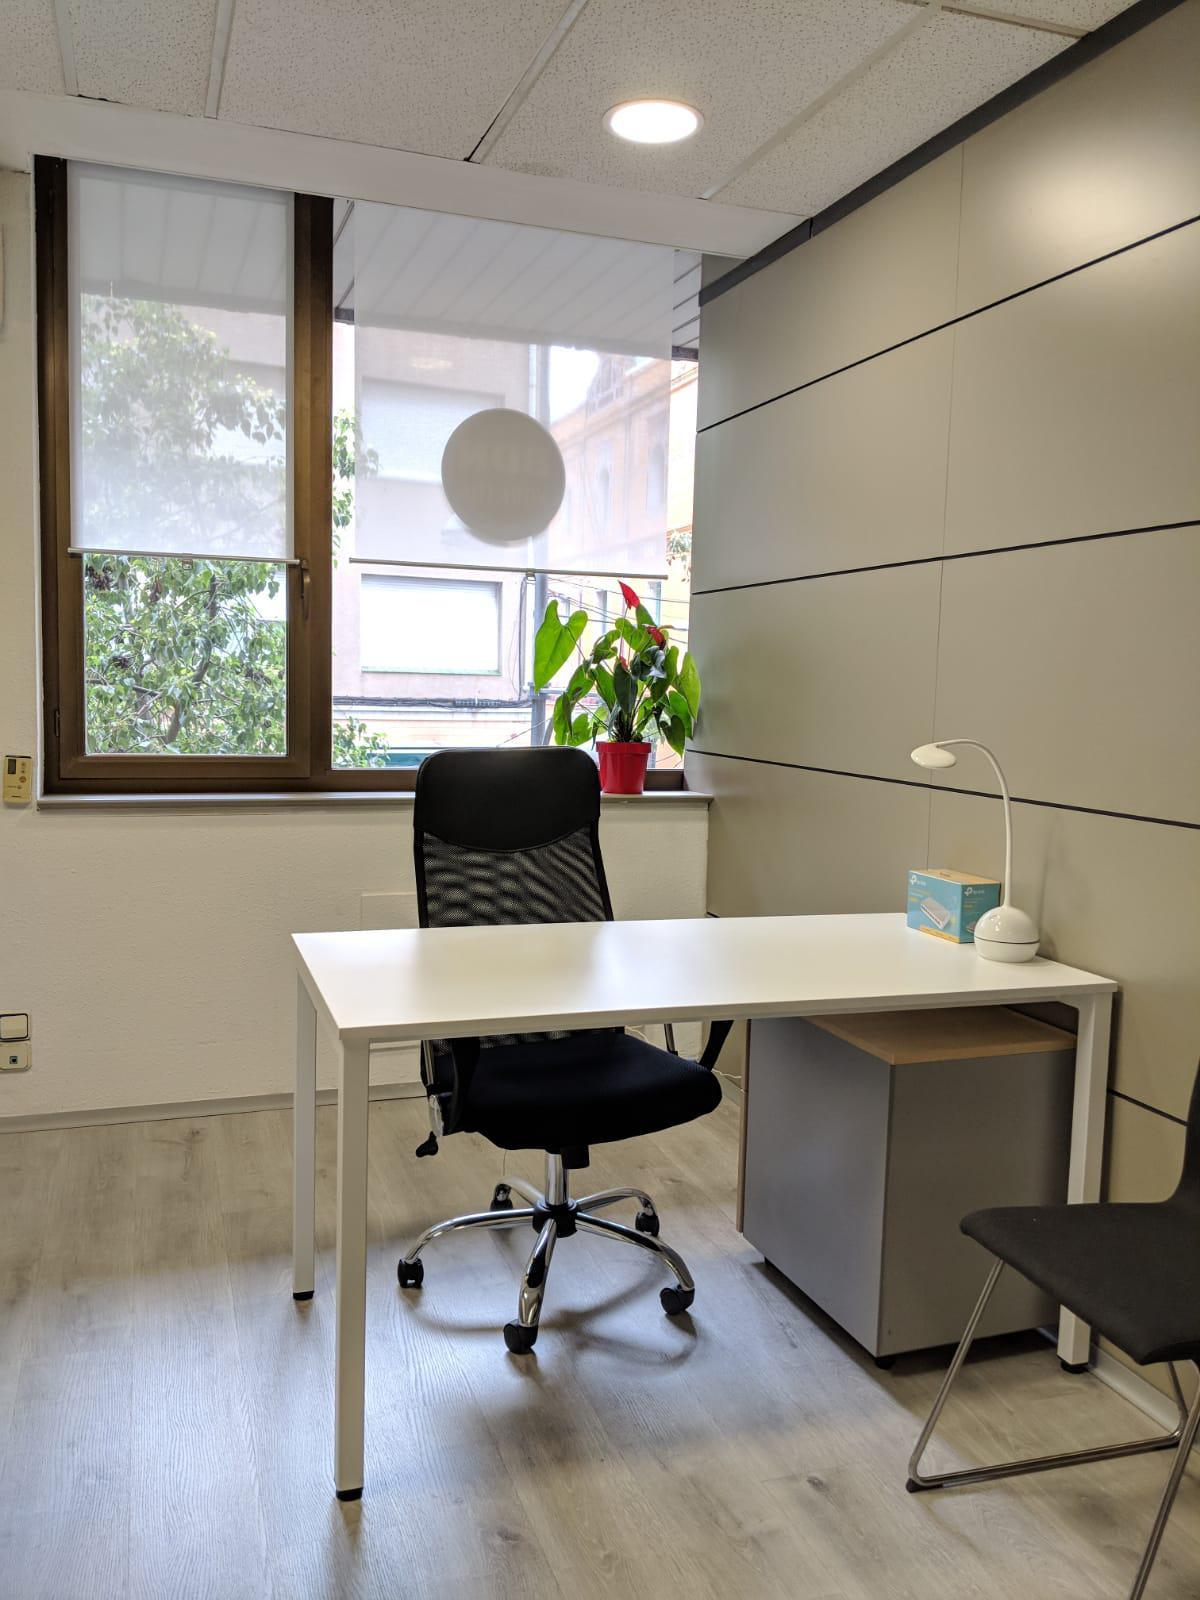 Imagen 1 Oficina Comercial en alquiler en Badalona / A cien metros del ayuntamiento de Badalona